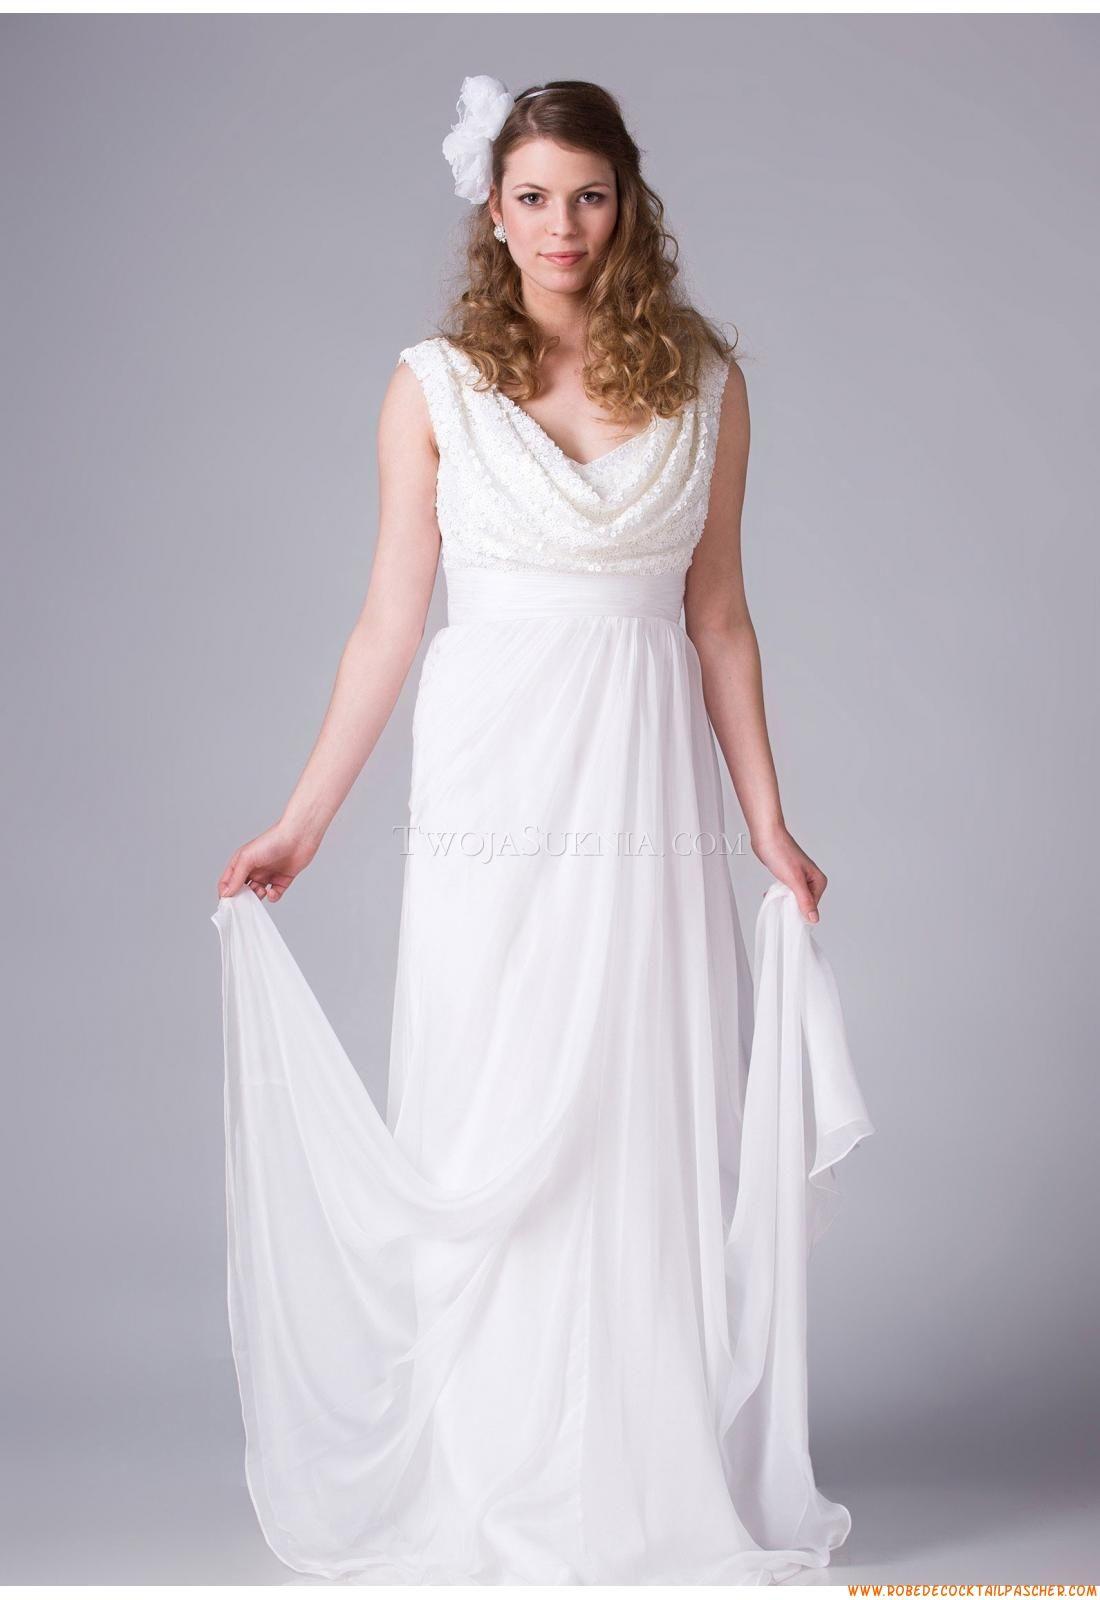 Robe de mariée Novia Blanca Cannis 2013